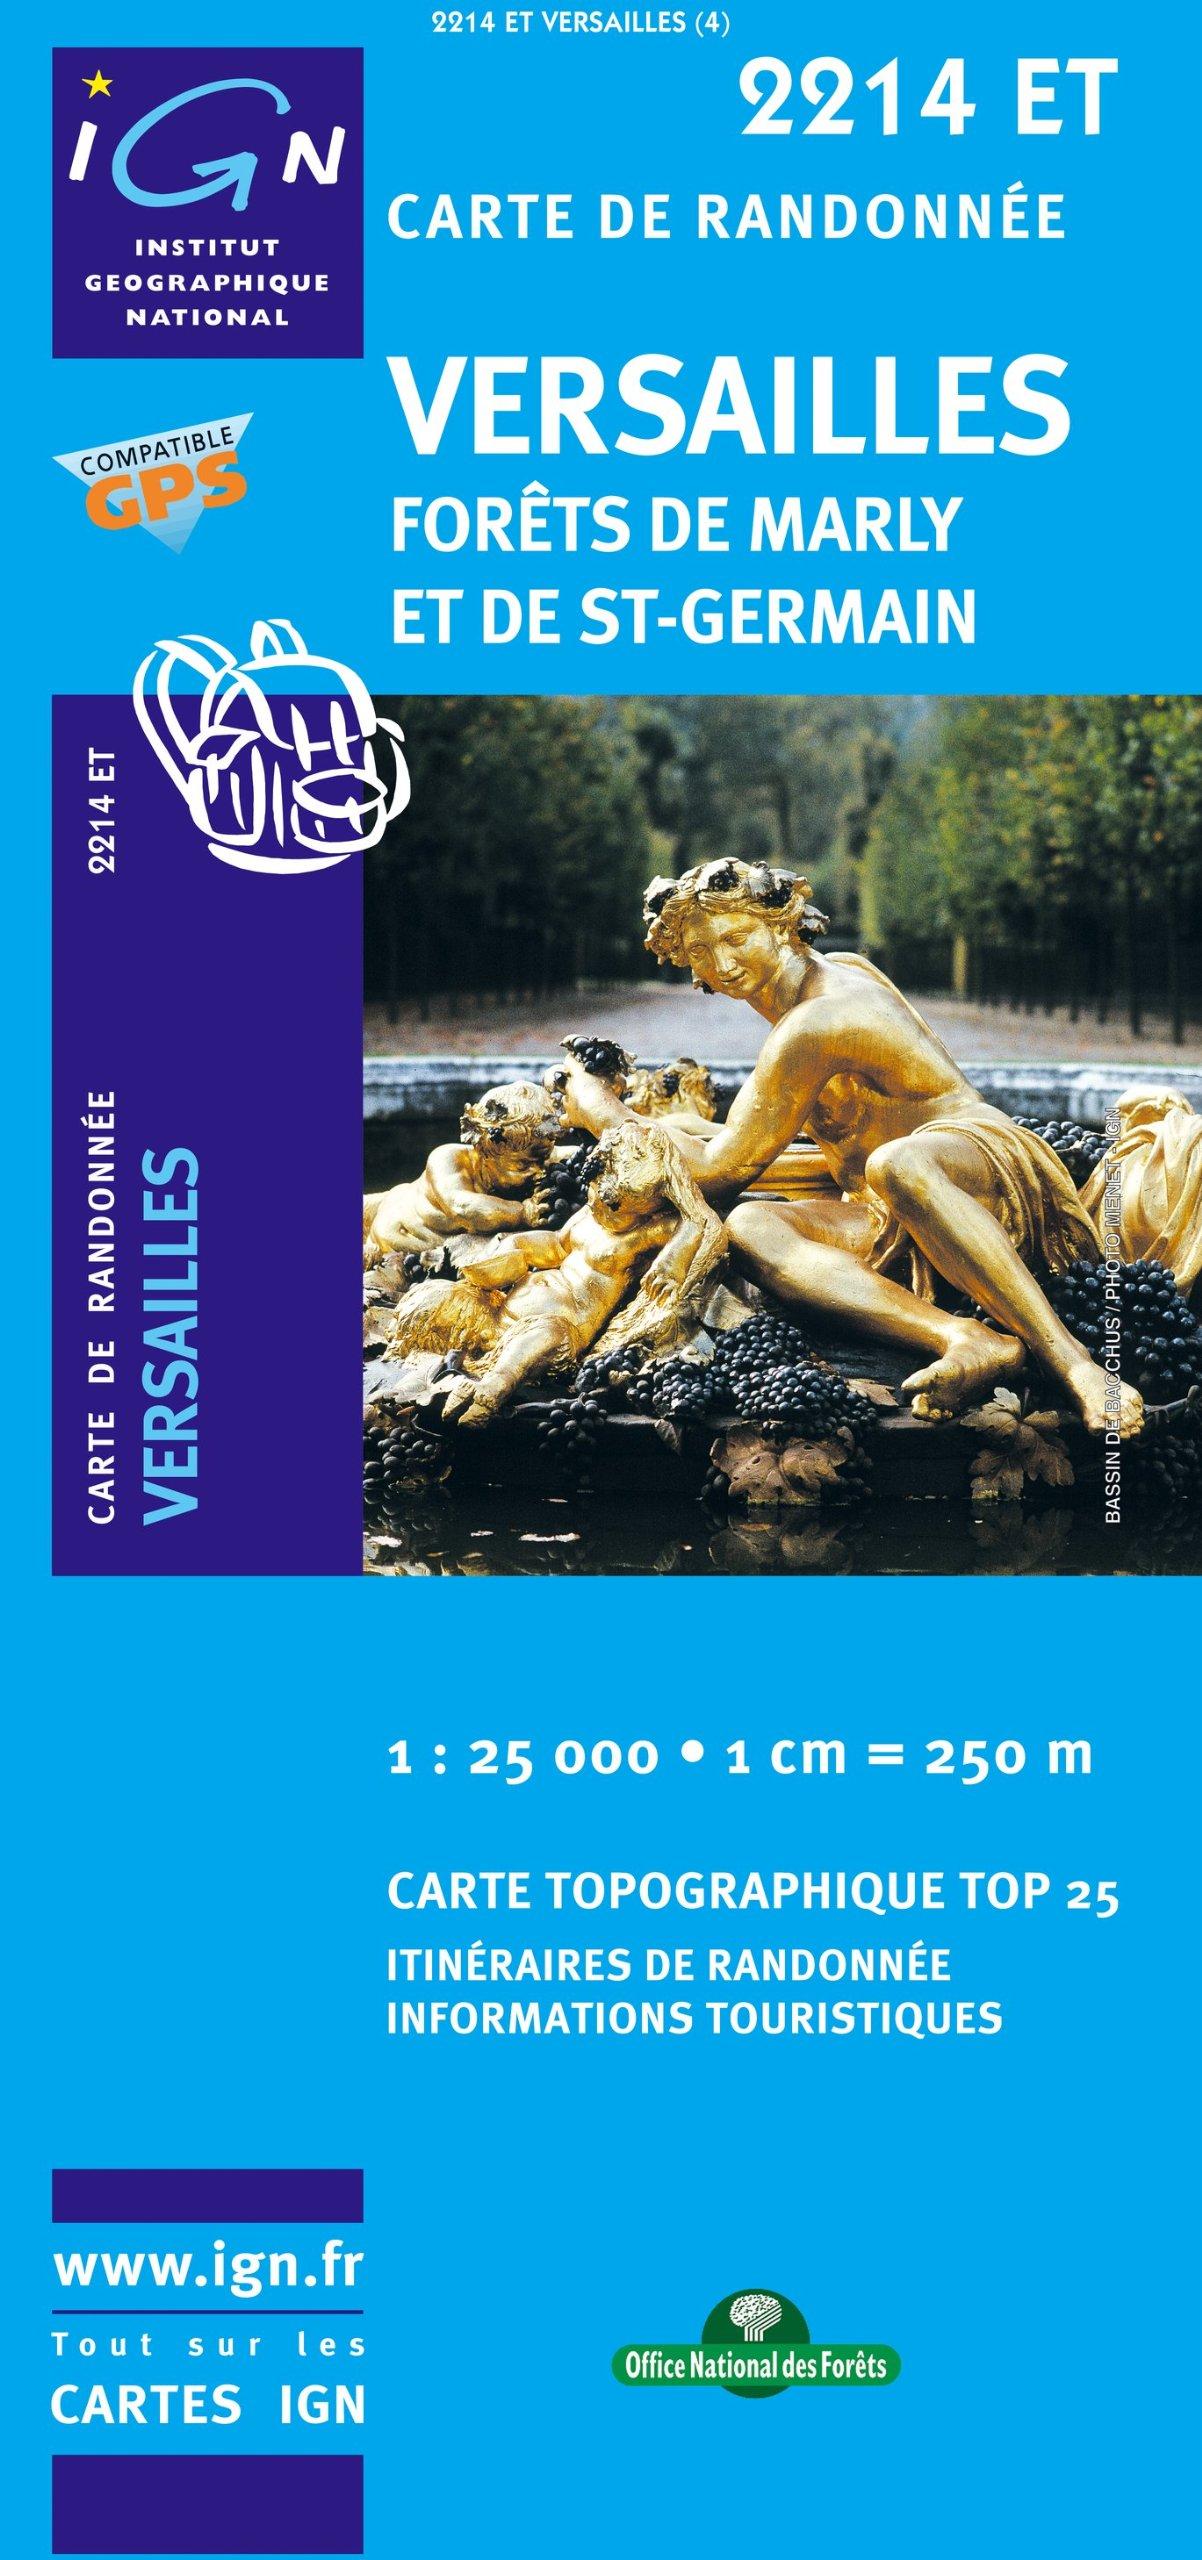 Versailles Forts De Marly Et De Stgermai Carte – Carte pliée, 15 novembre 2010 275851821X Karten / Stadtpläne / Europa France Frankreich